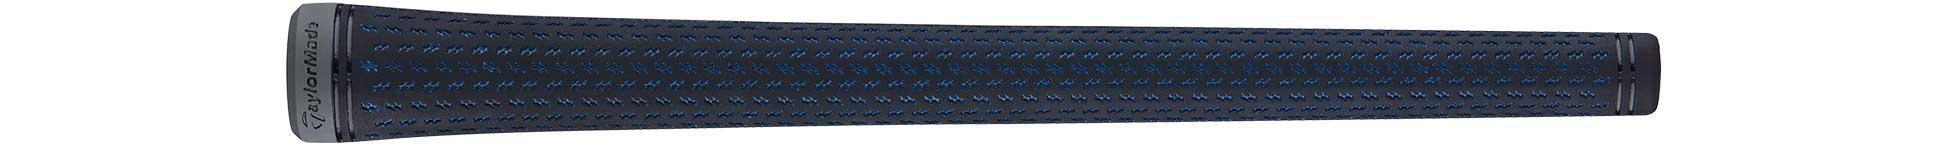 Crossline noire/bleue GEC